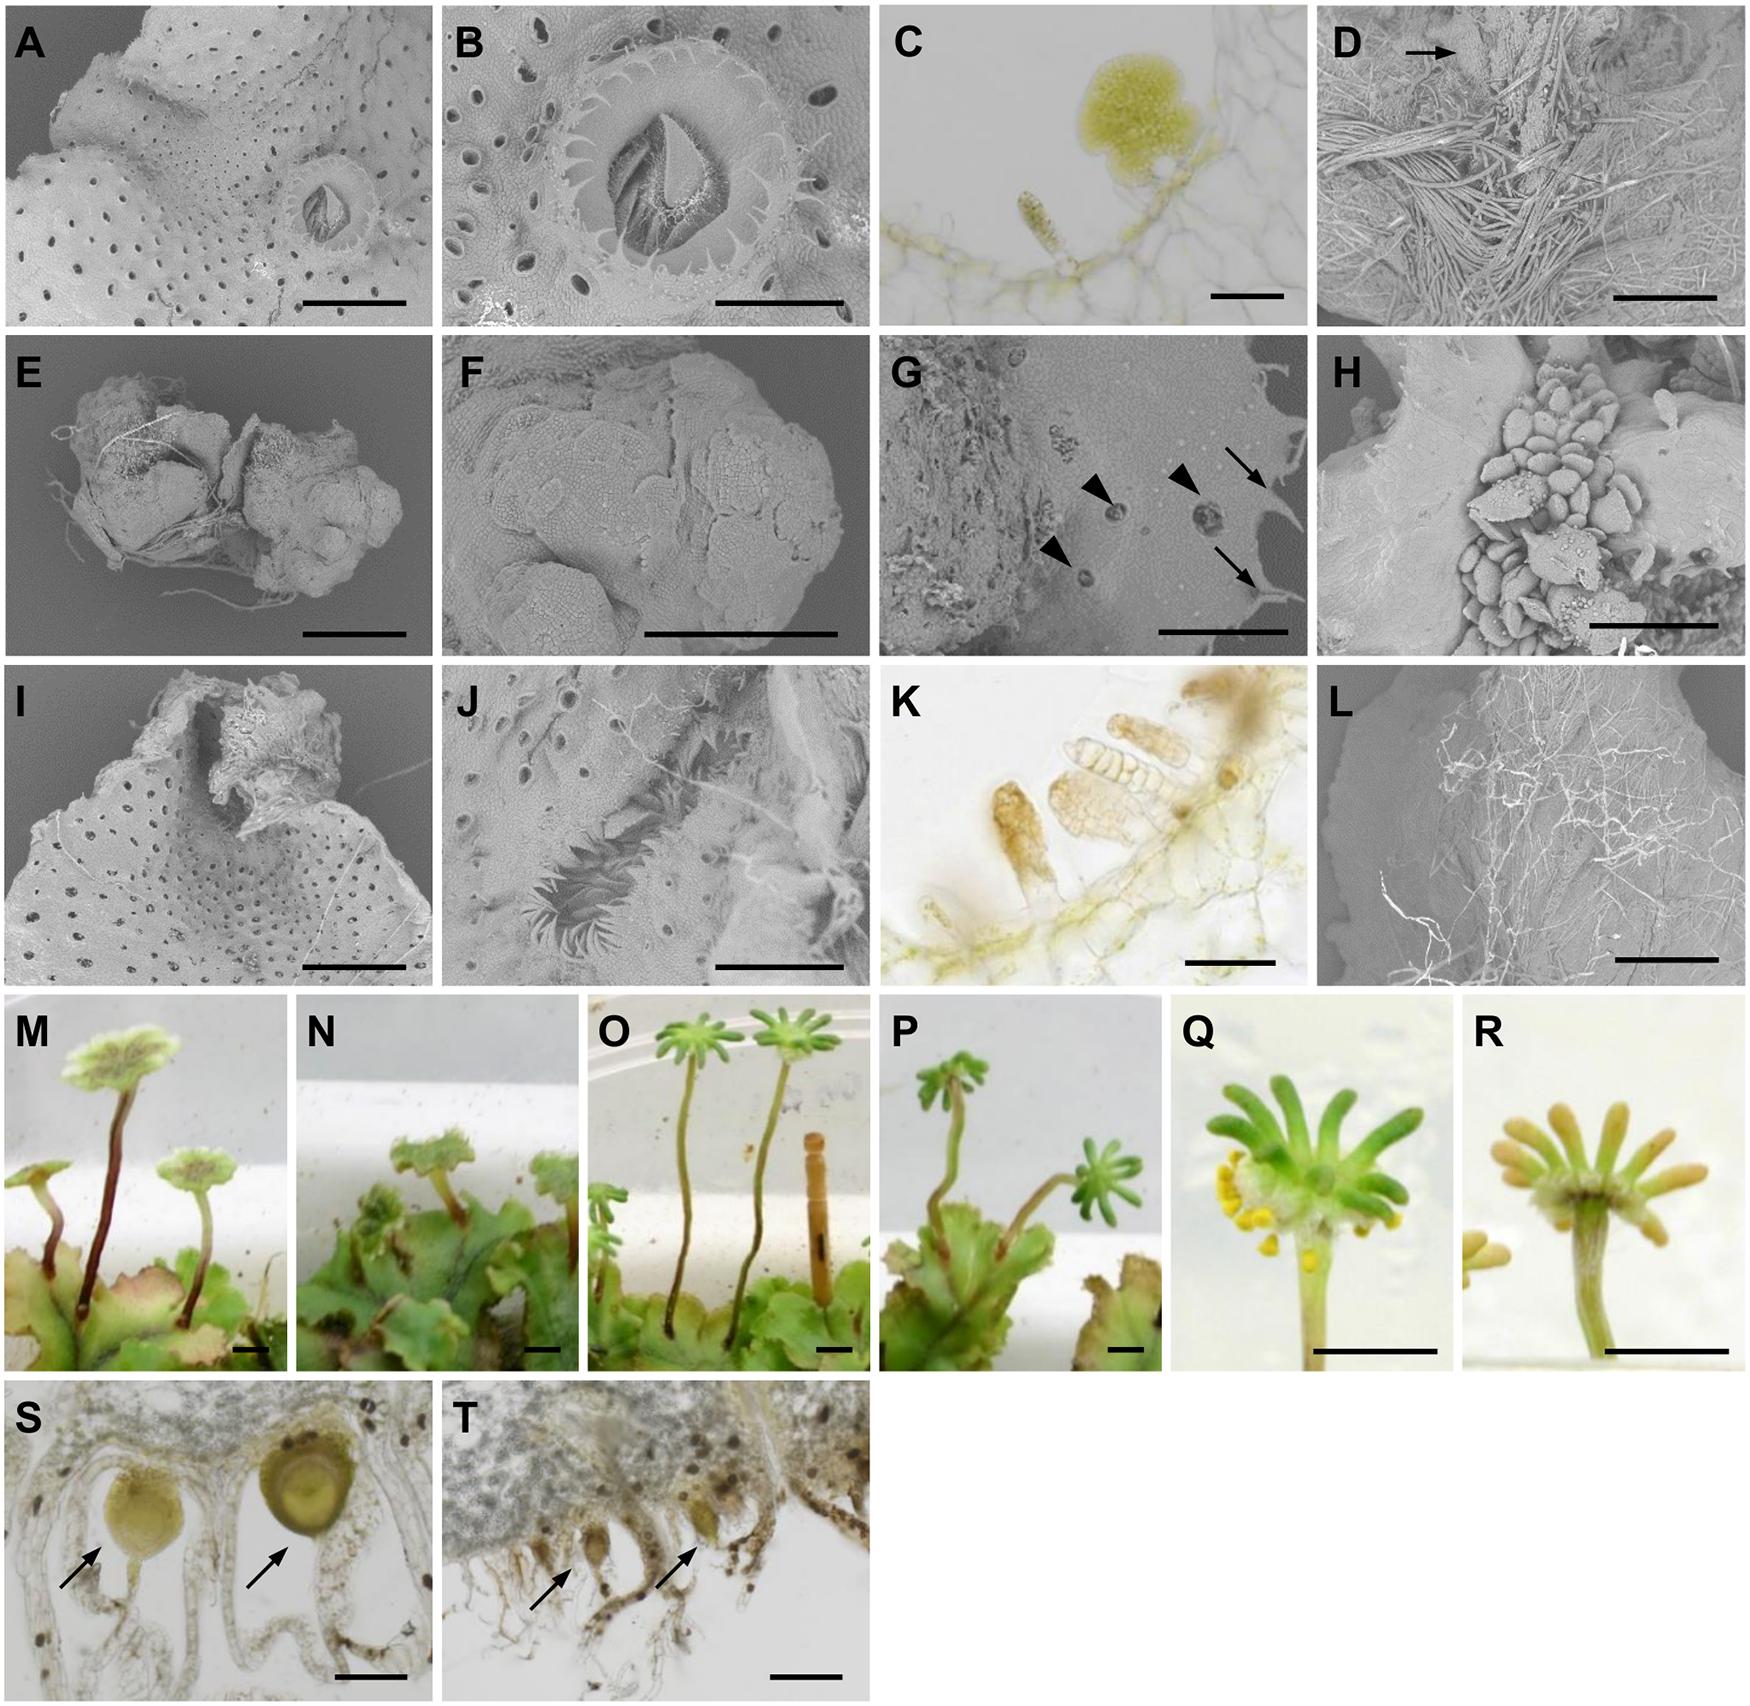 Morphological defects of <sub><i>pro</i></sub><i>MpIAA</i>:<i>MpIAA</i><sup><i>mDII</i></sup><i>-GR</i> plants.